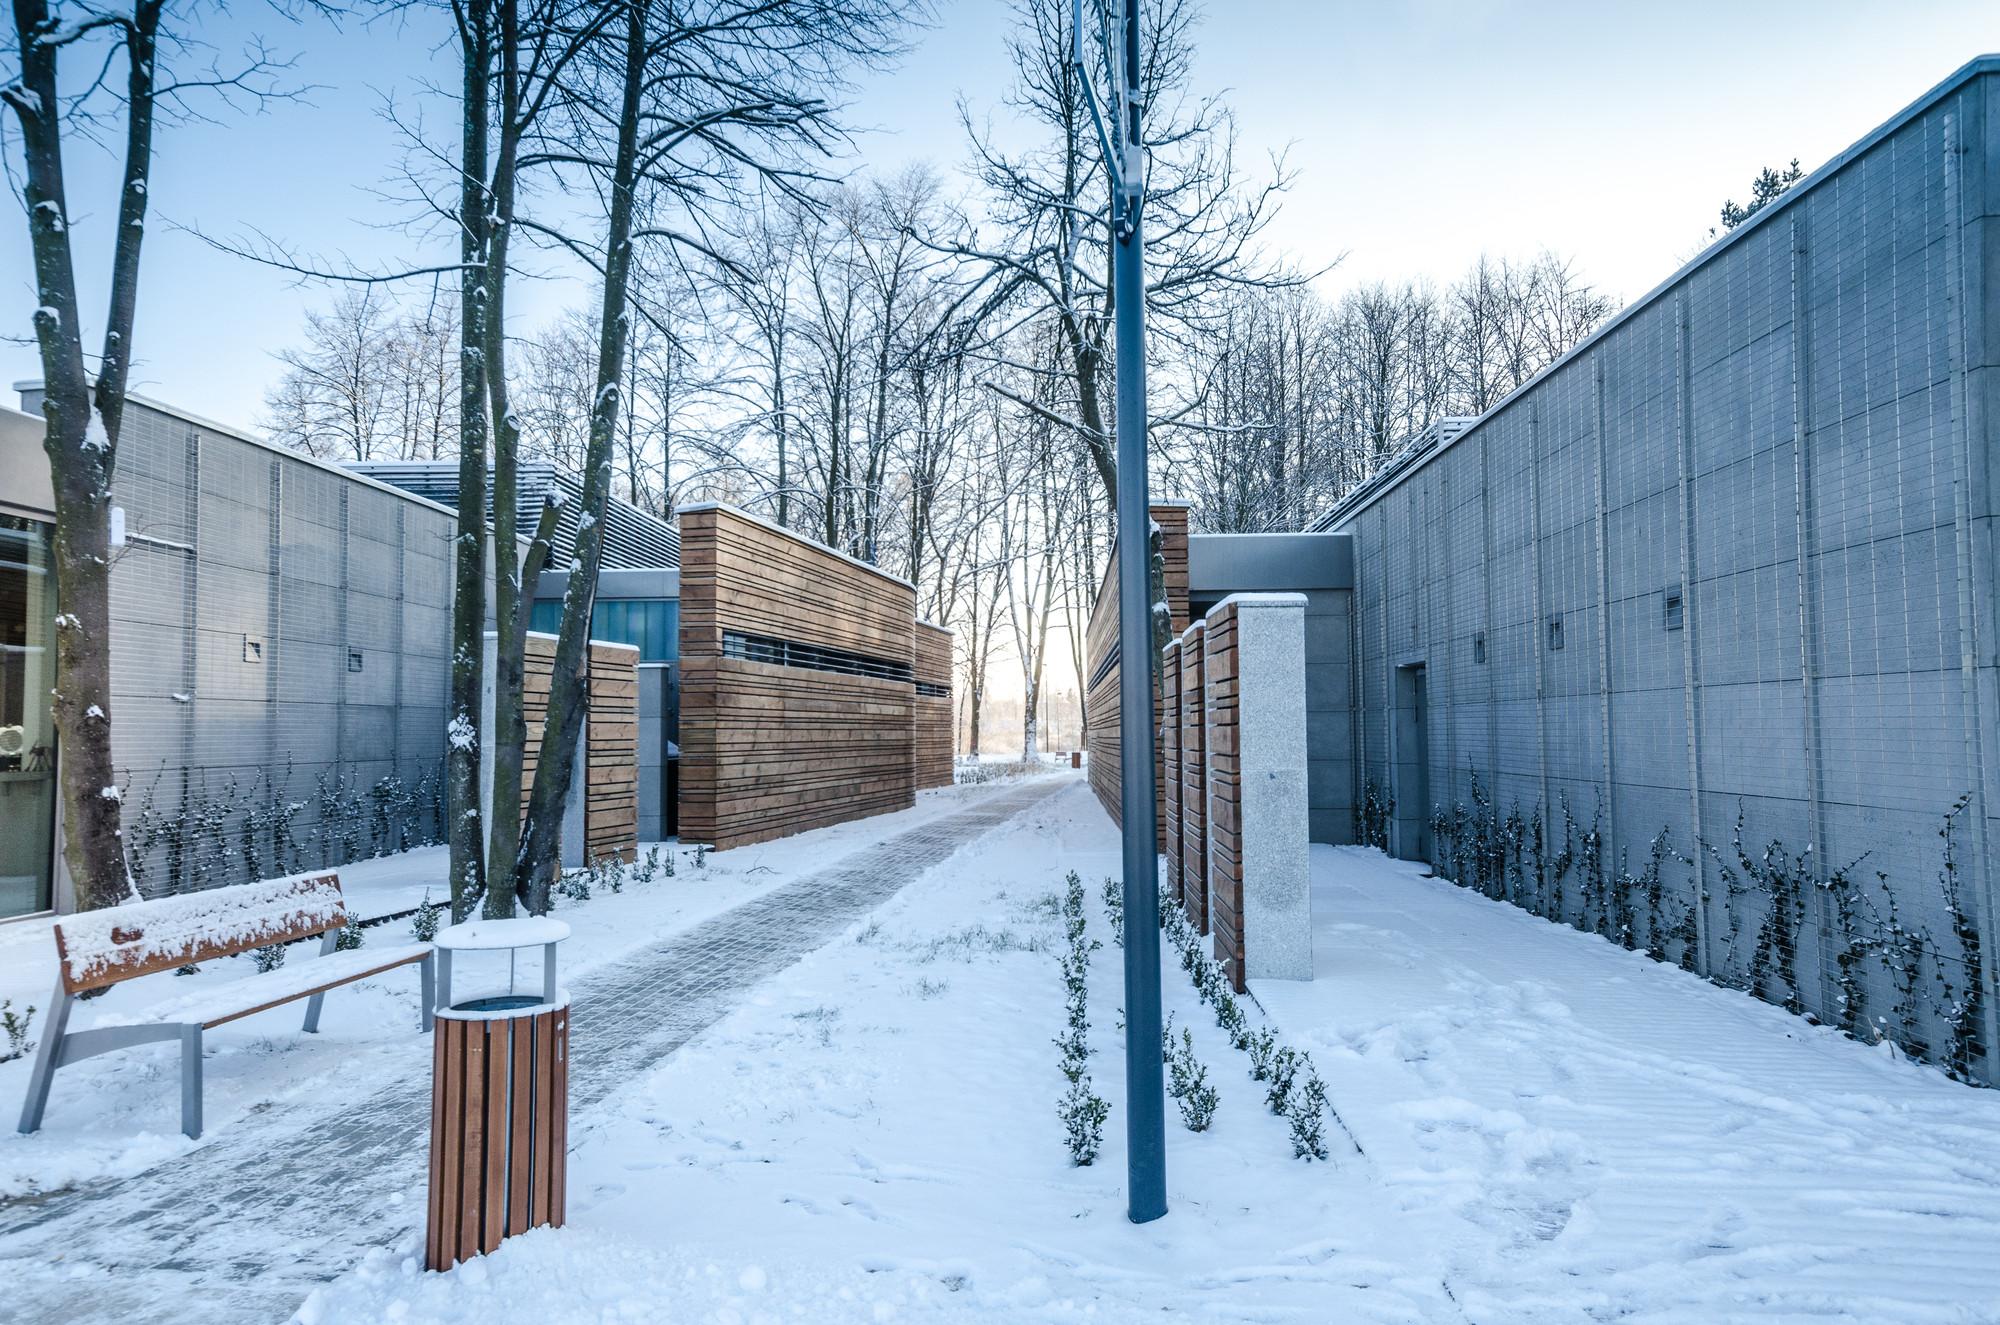 All-Year-Round Sports and Leisure Center / Dżus GK Architekci, Courtesy of Dżus GK Architekci